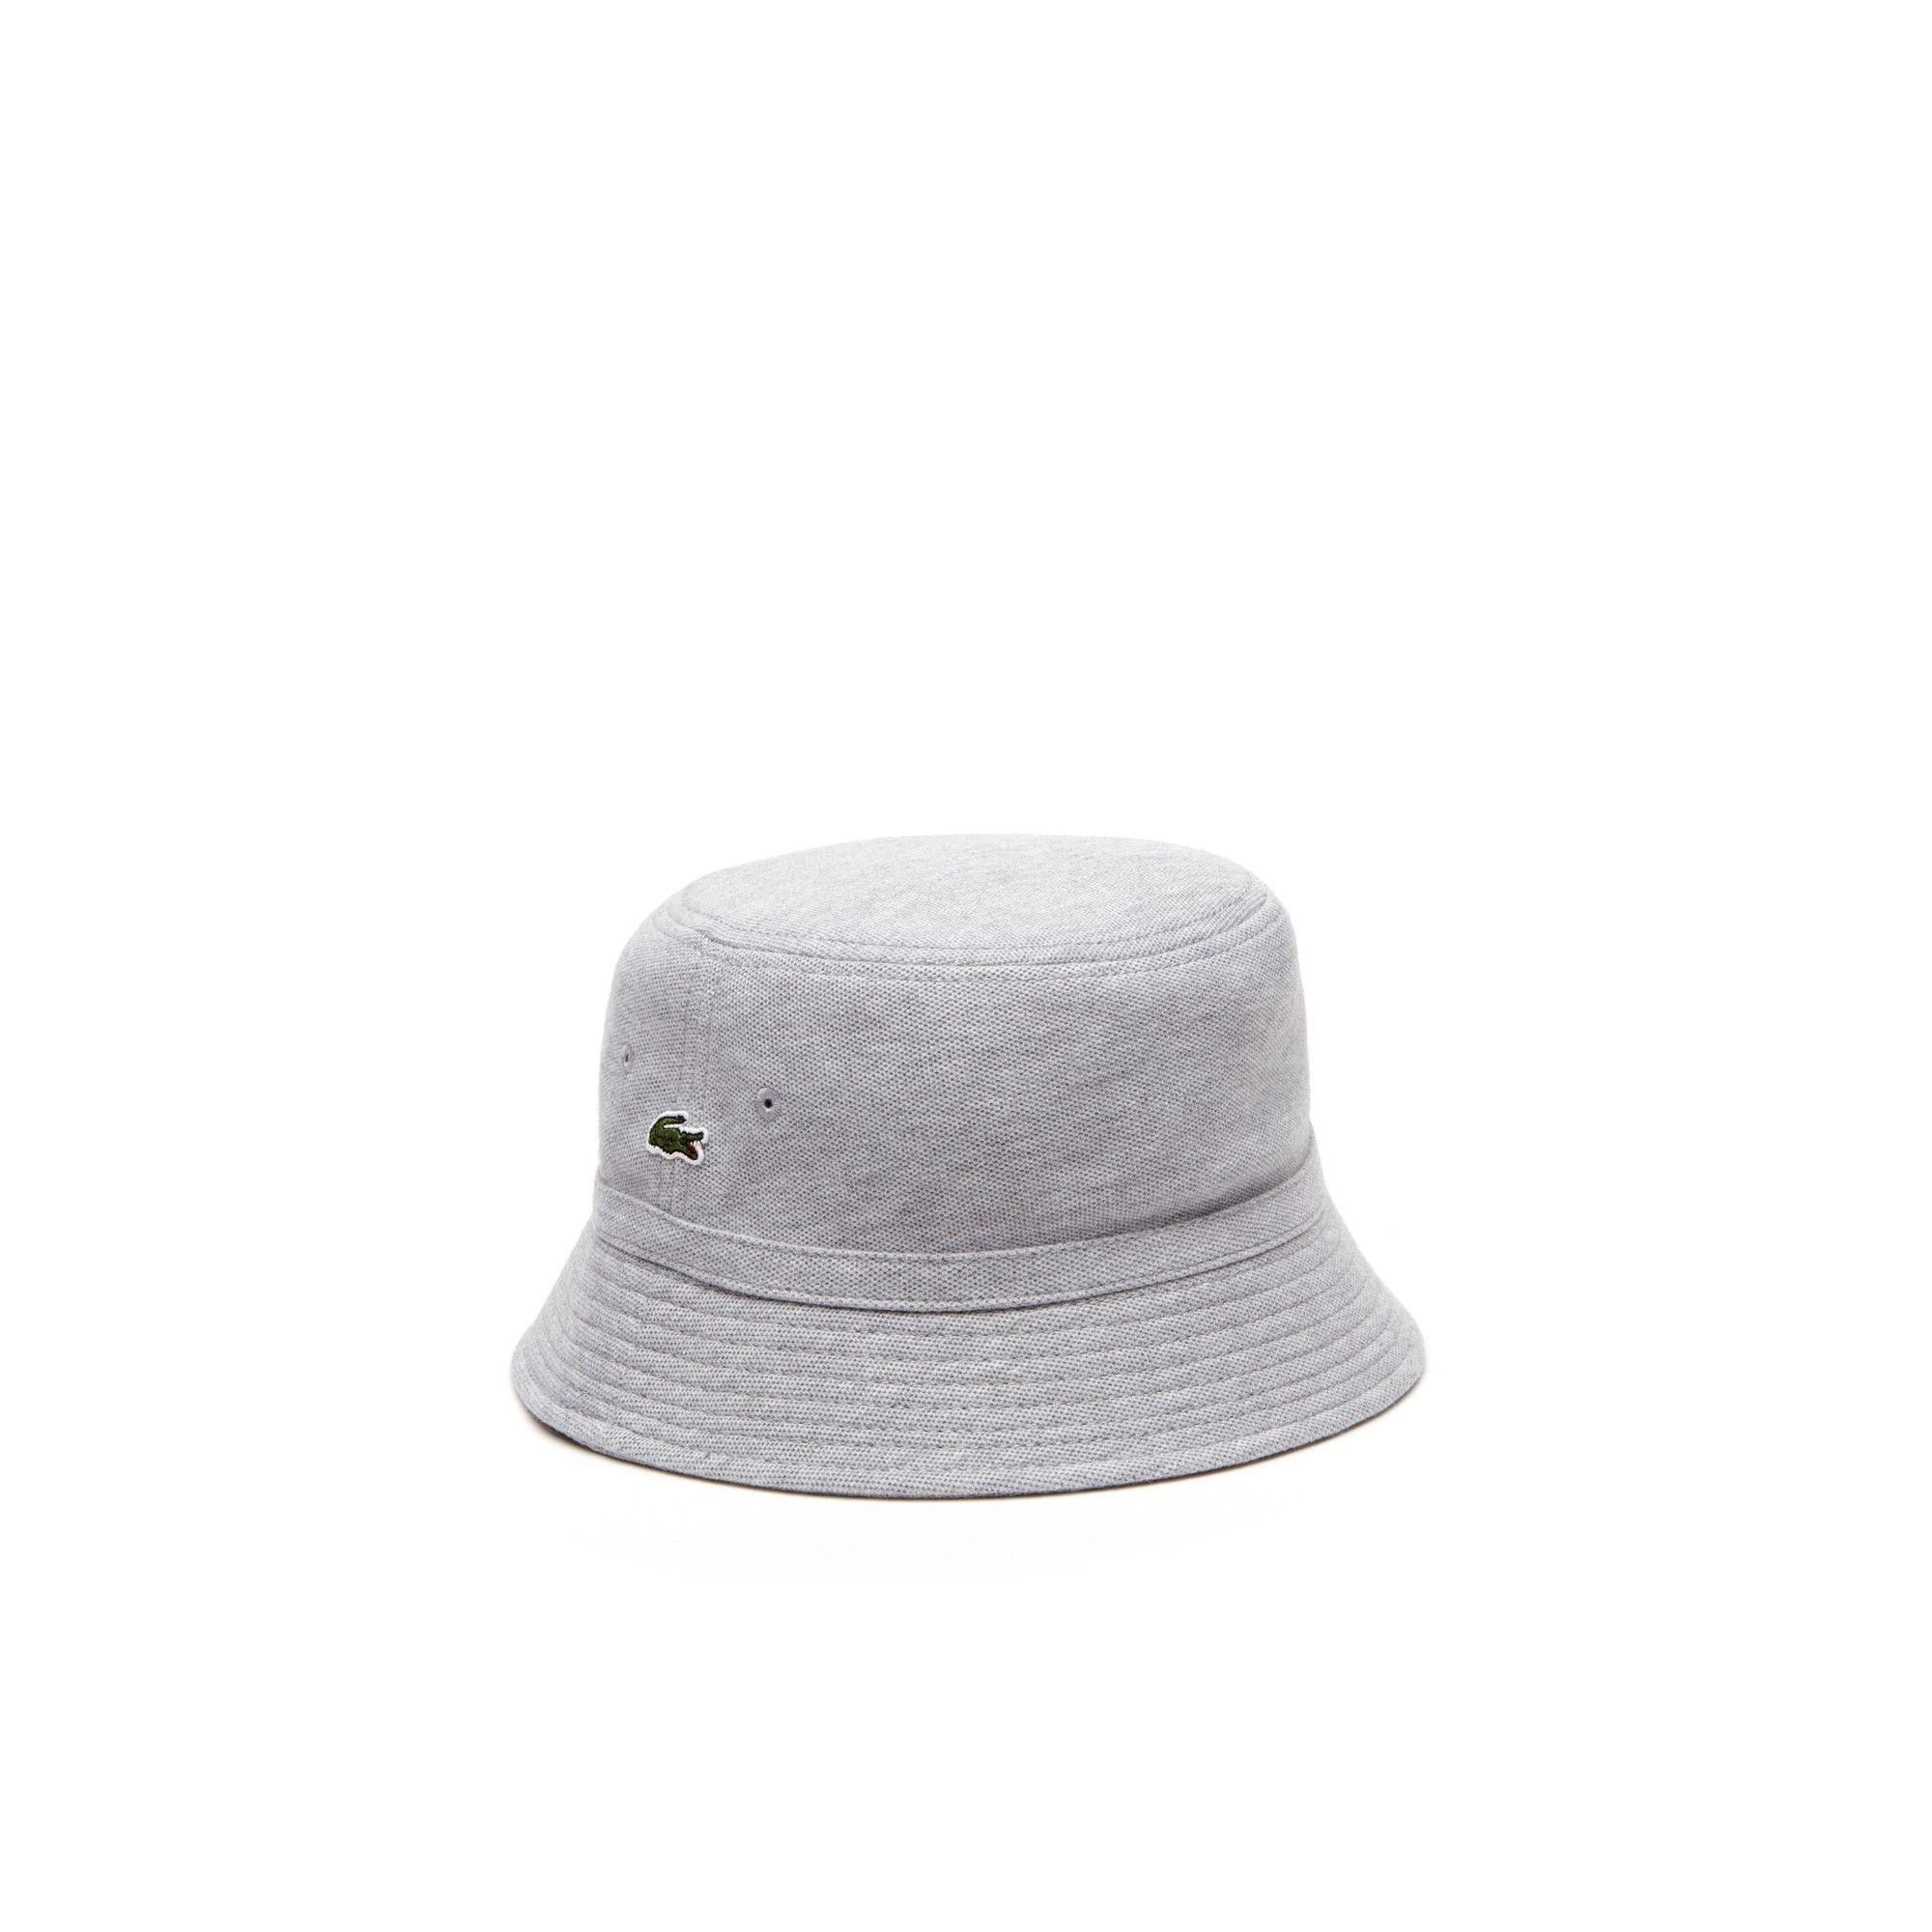 13ef954aac1 LACOSTE Men s Cotton piqué bucket hat.  lacoste